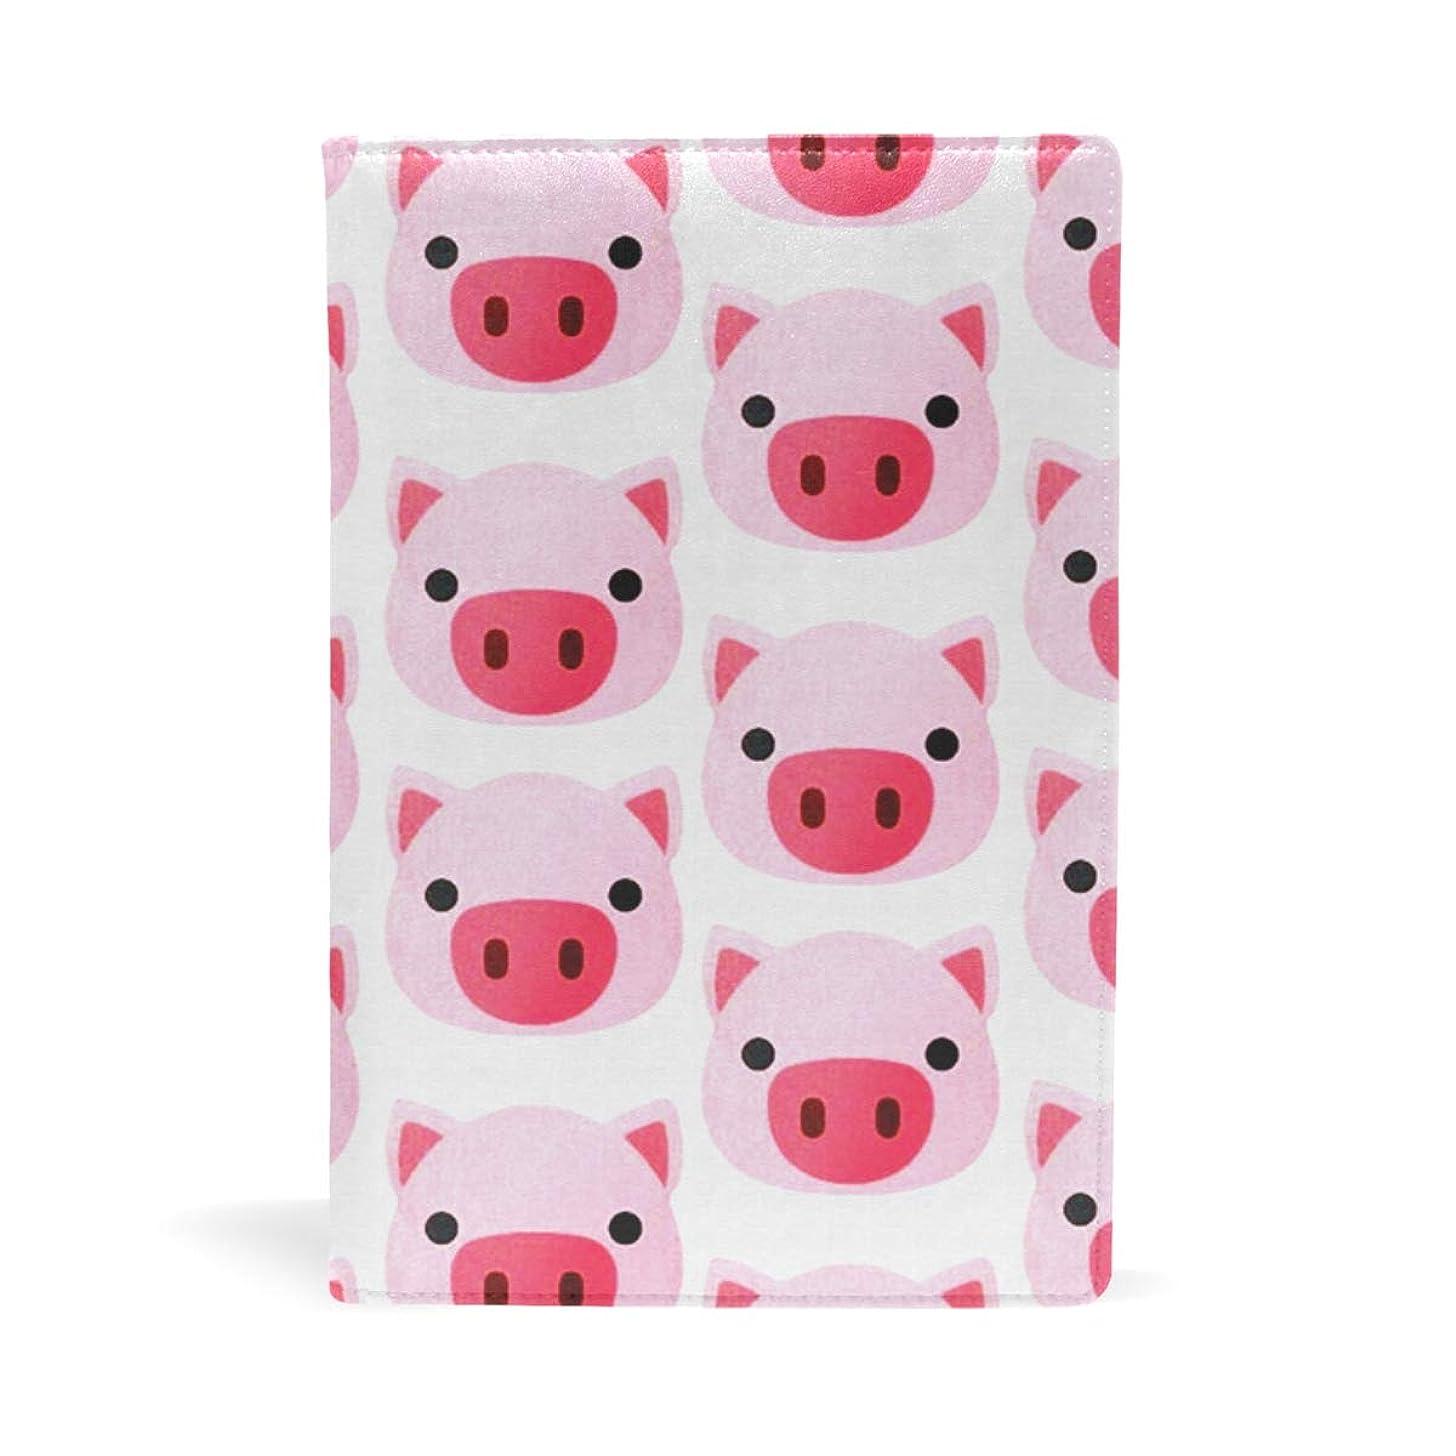 リーン強要教育ブックカバー 文庫 a5 皮革 レザー 可愛いの豚柄 文庫本カバー ファイル 資料 収納入れ オフィス用品 読書 雑貨 プレゼント